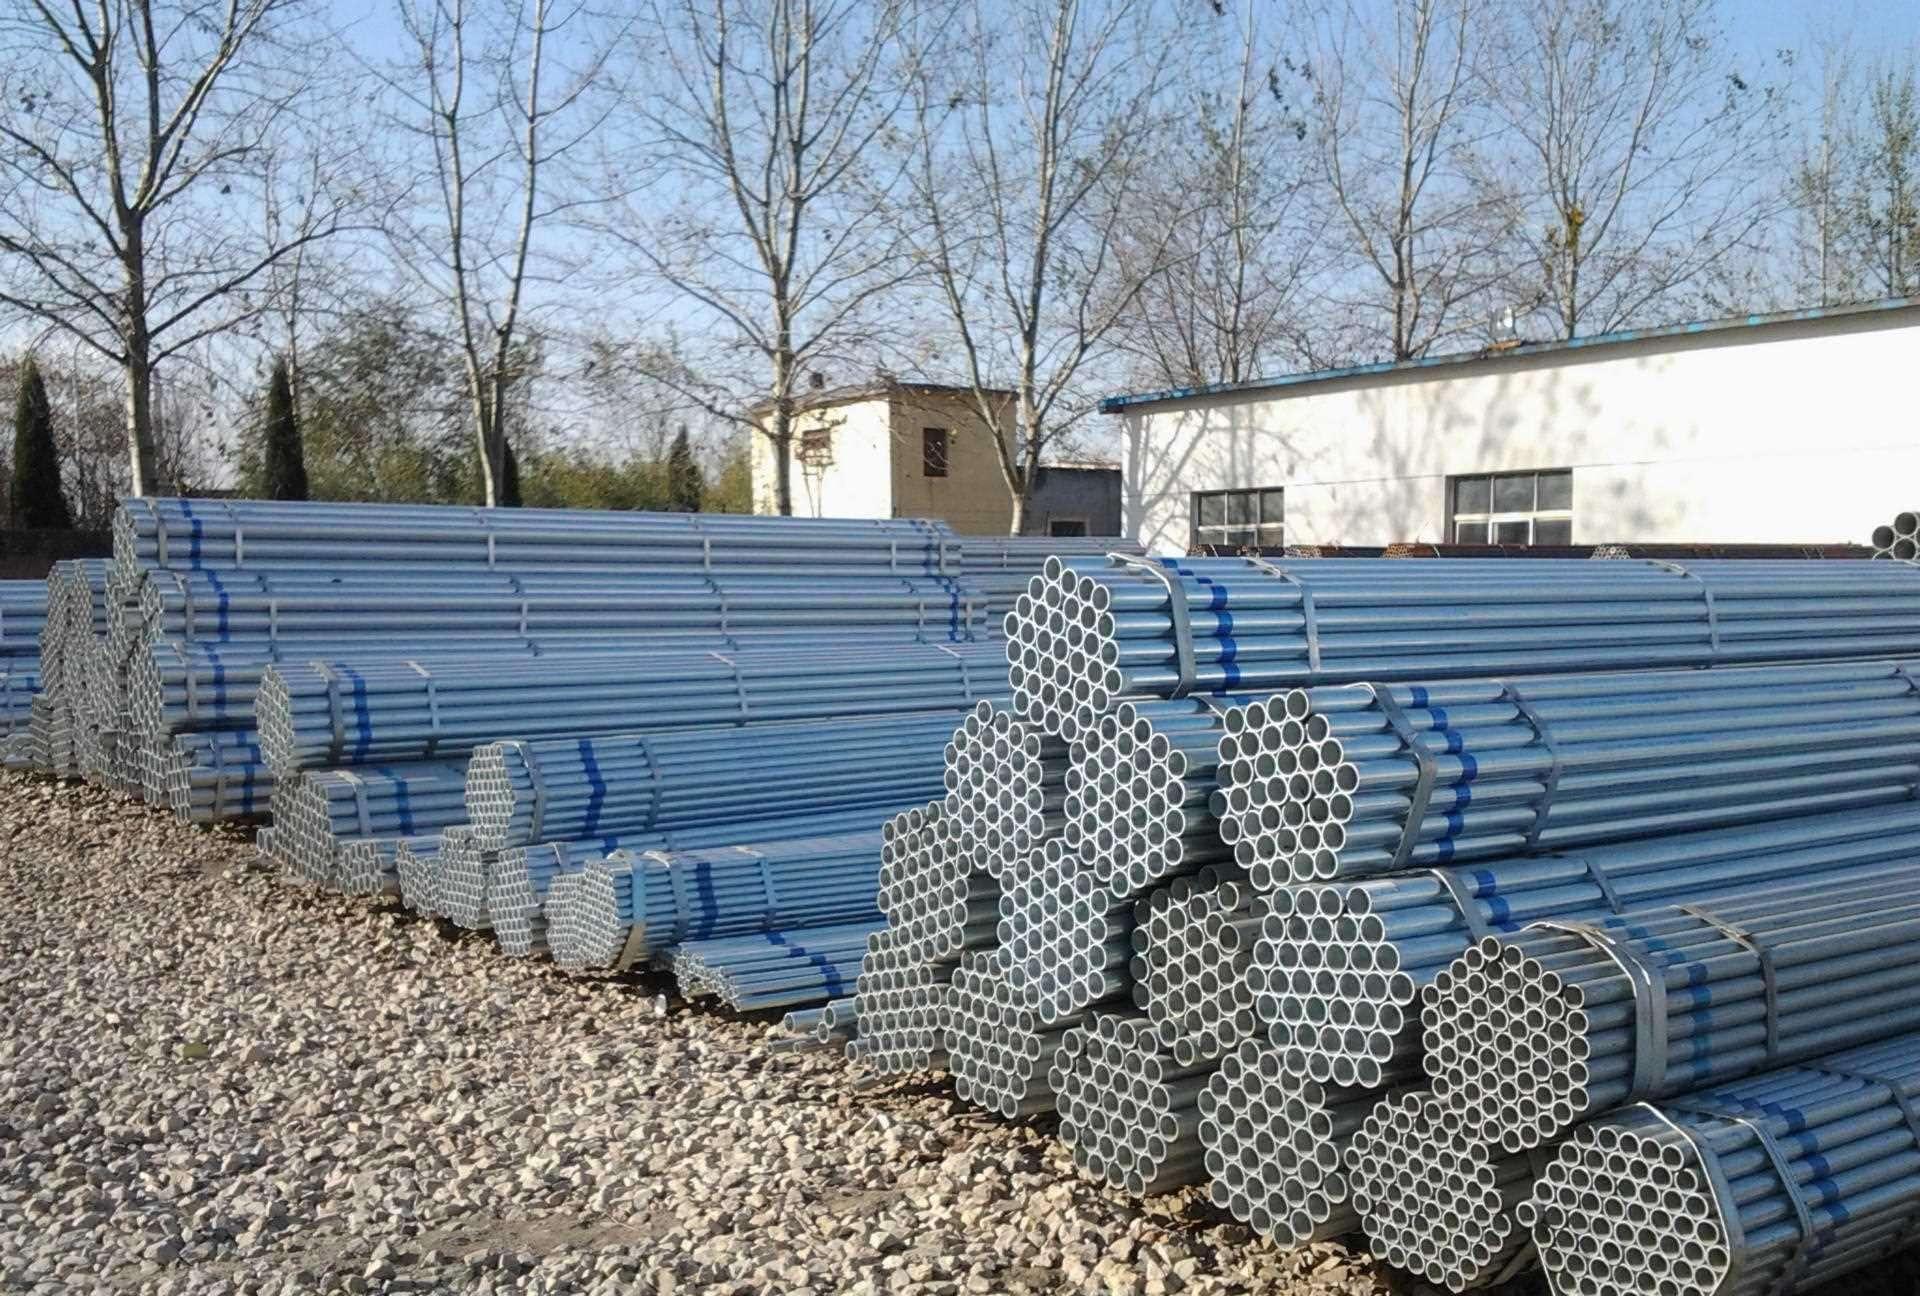 聊城市開發區遼河路興隆鋼材市場